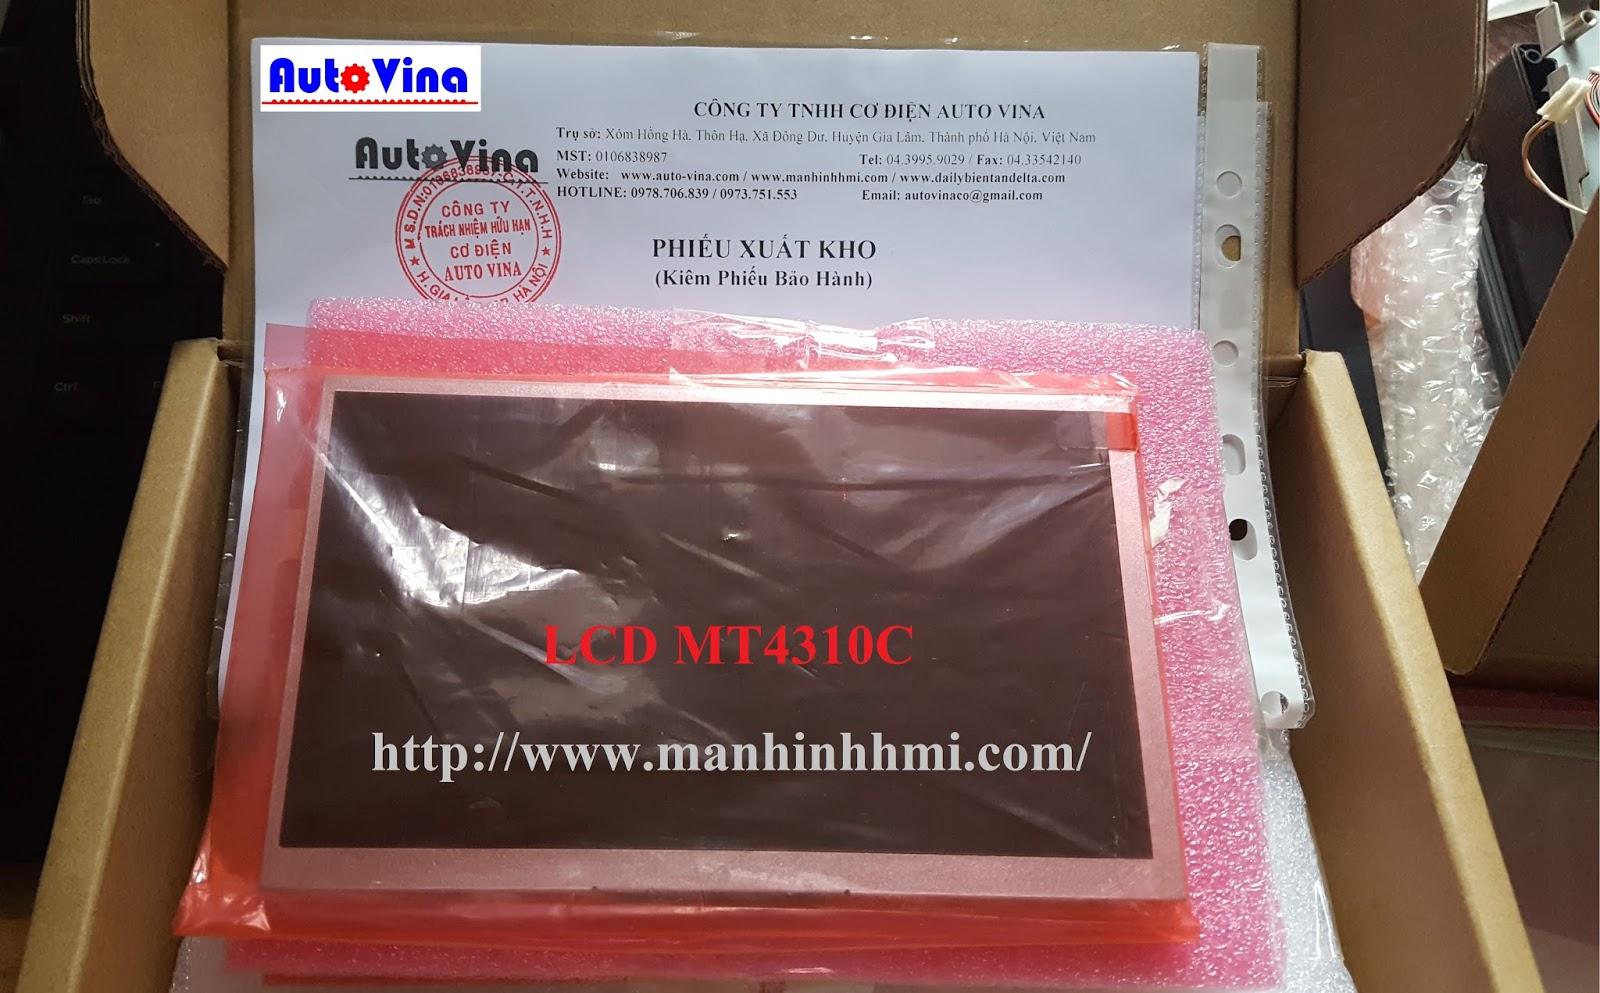 Bán LCD, màn hình hiển thị, màn hình cảm ứng HMI Kinco MT4310C